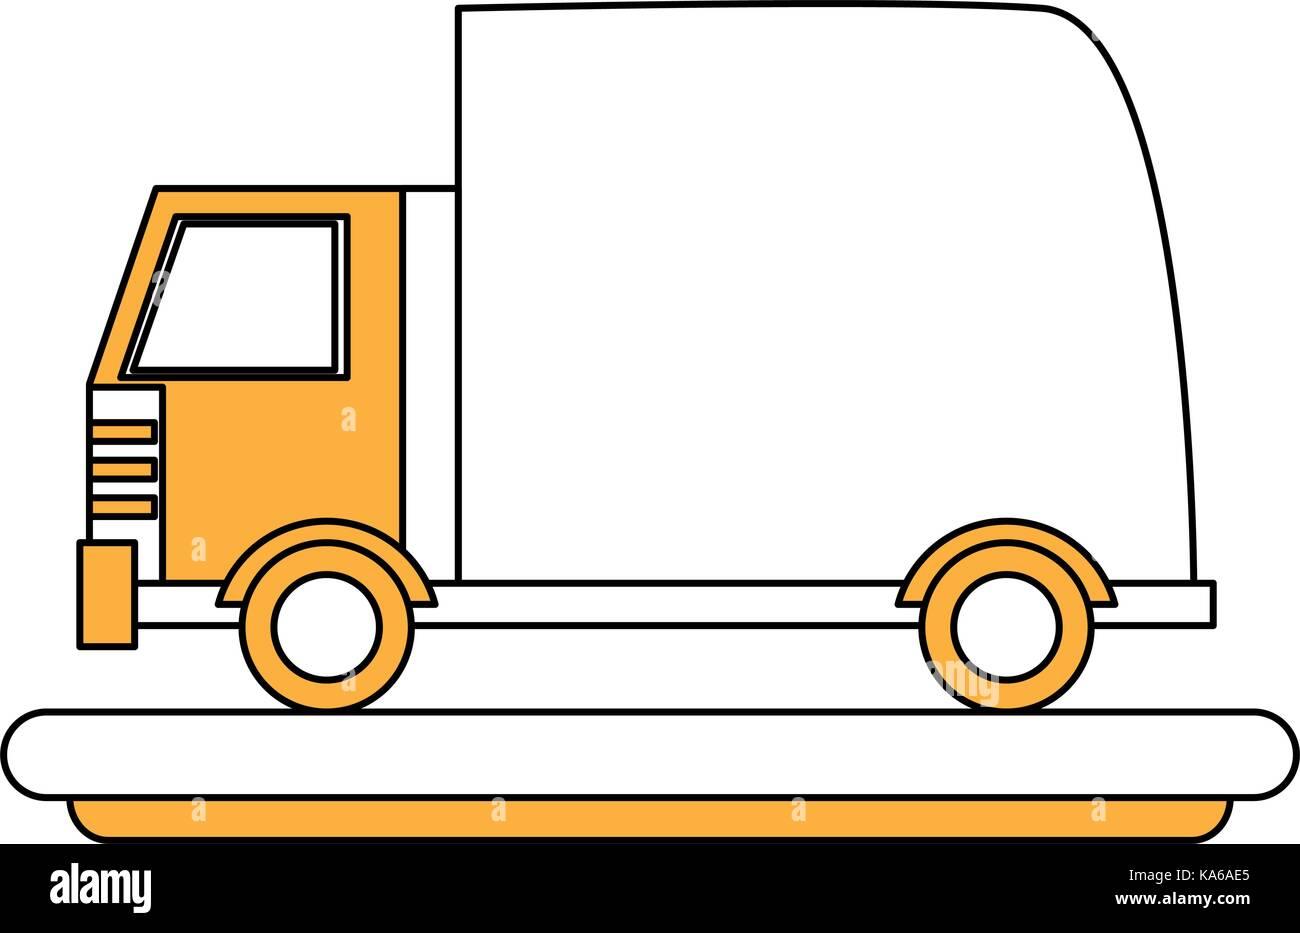 cartoon transport truck - Stock Vector